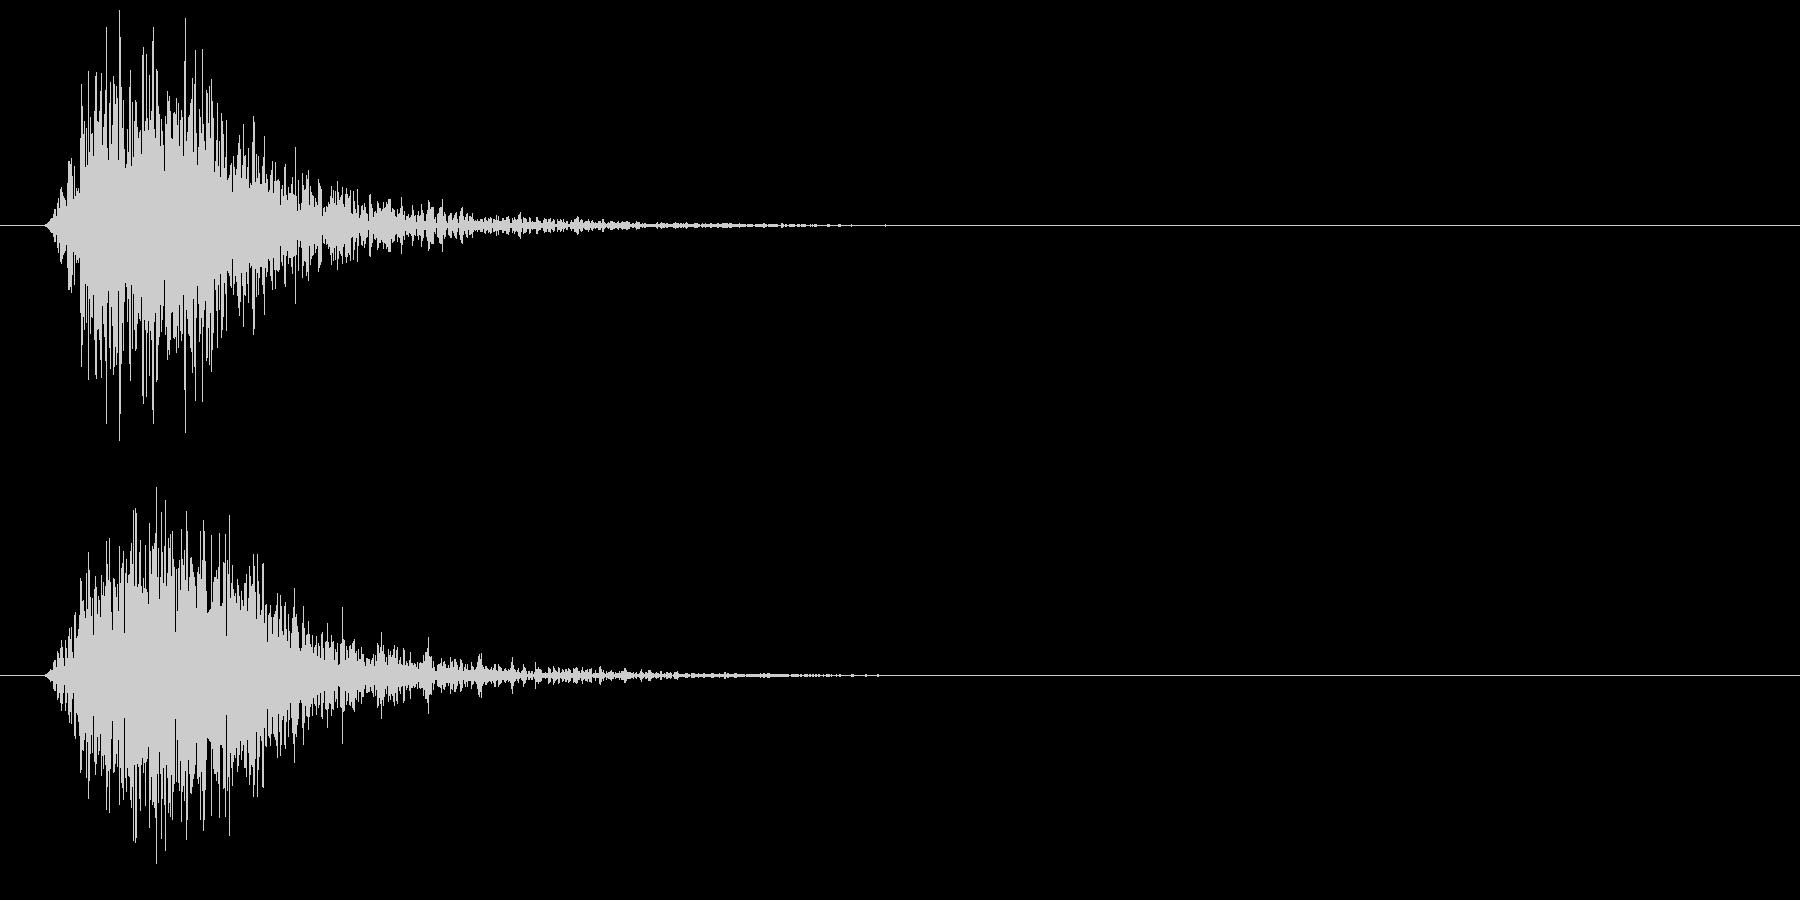 ヒュン、シュン、素振りのような風切り音の未再生の波形